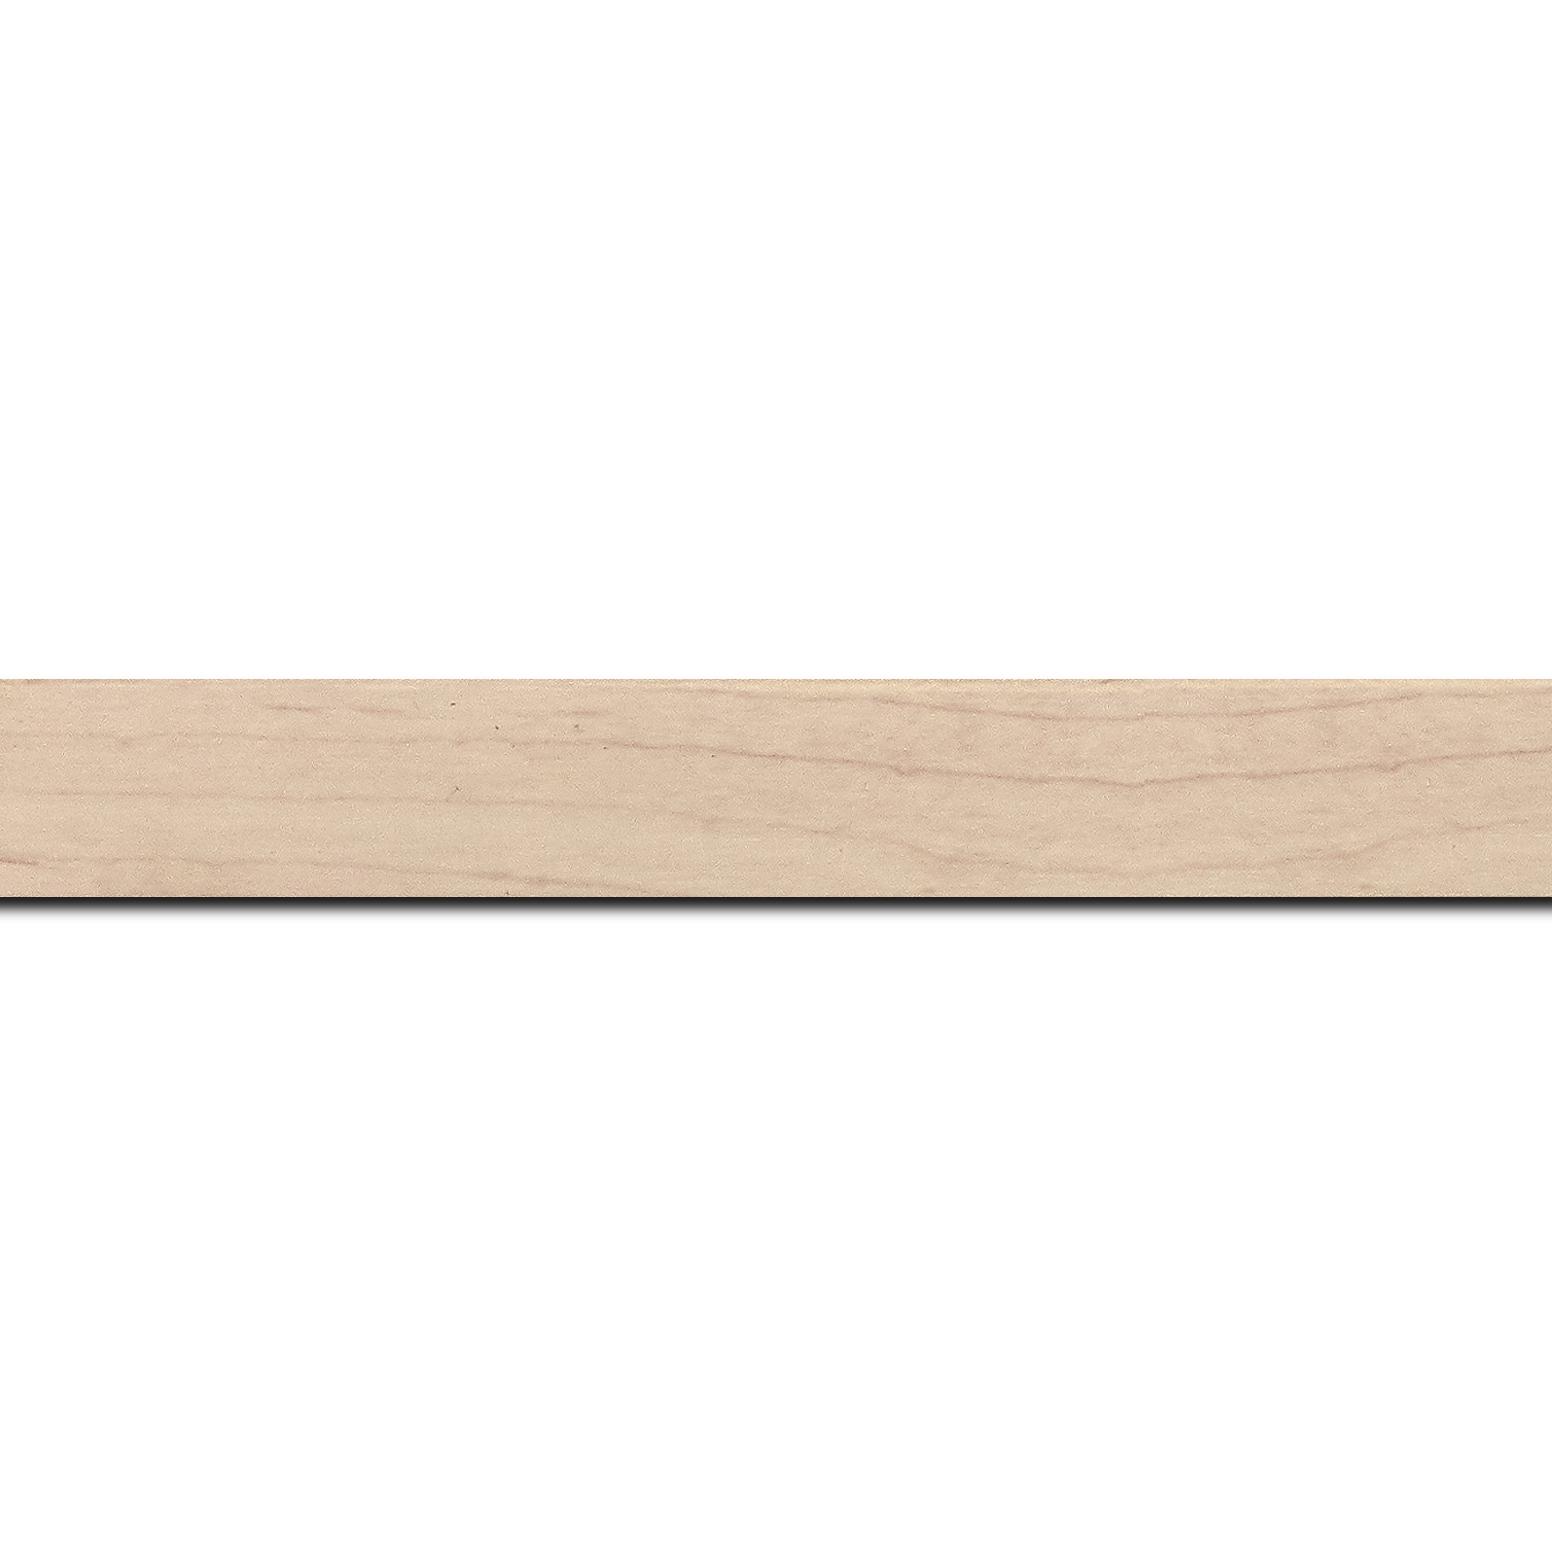 Pack par 12m, bois profil plat largeur 2cm décor bois blanc naturel(longueur baguette pouvant varier entre 2.40m et 3m selon arrivage des bois)